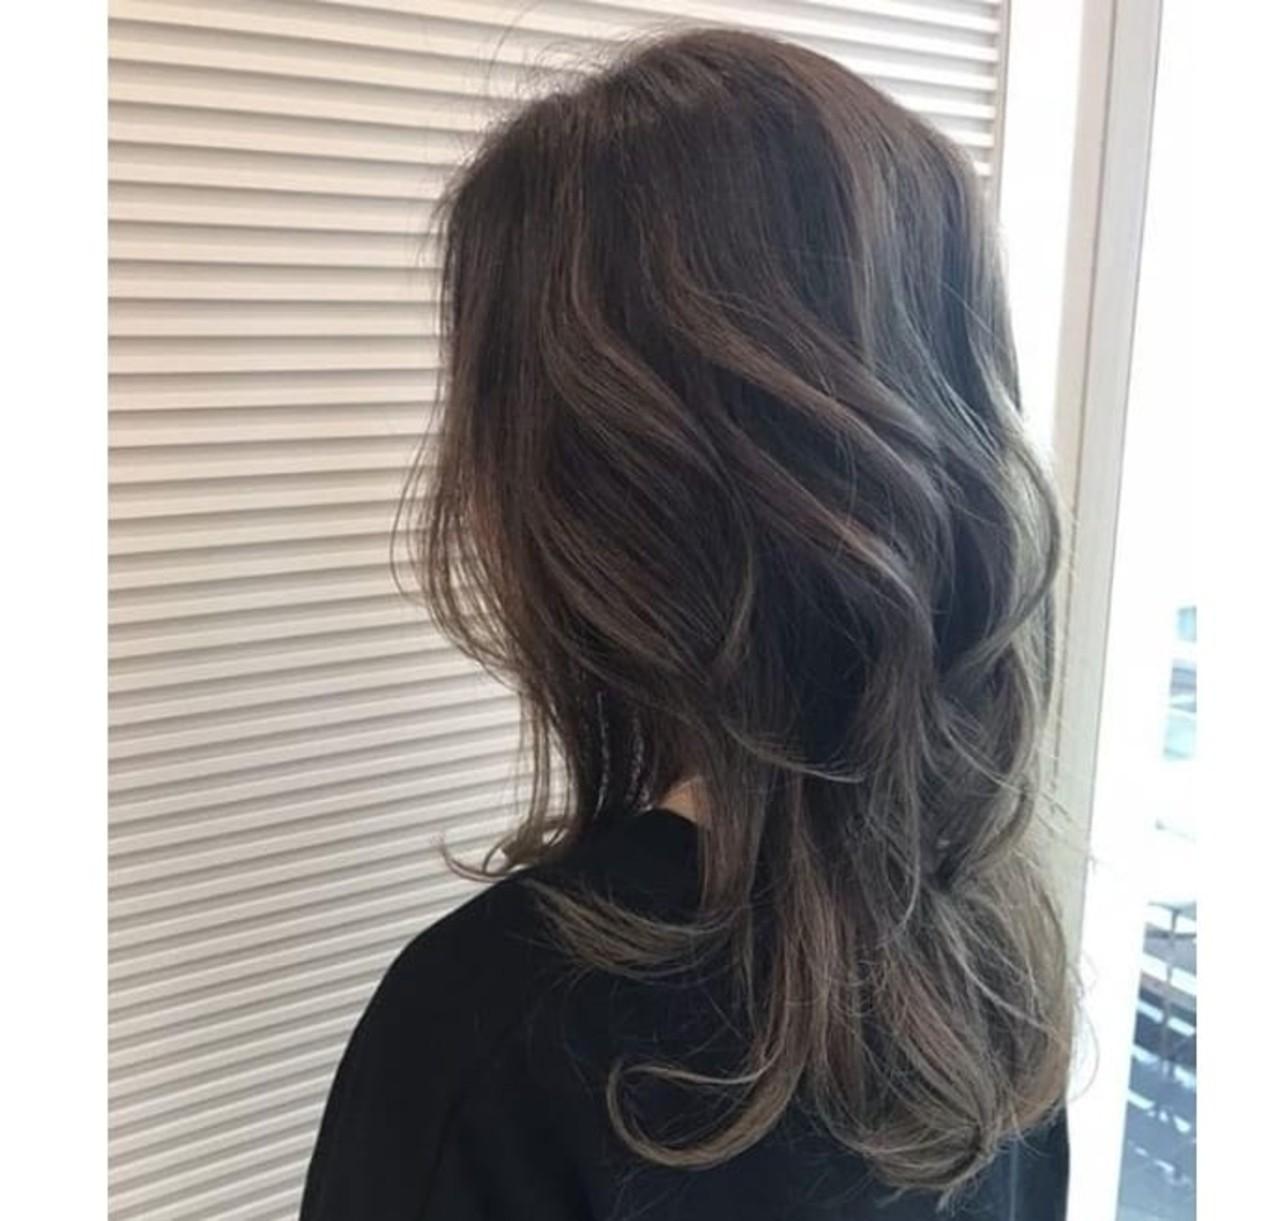 グレージュ アッシュグレージュ モード ヘアアレンジ ヘアスタイルや髪型の写真・画像 | Saori Kastuki / holic